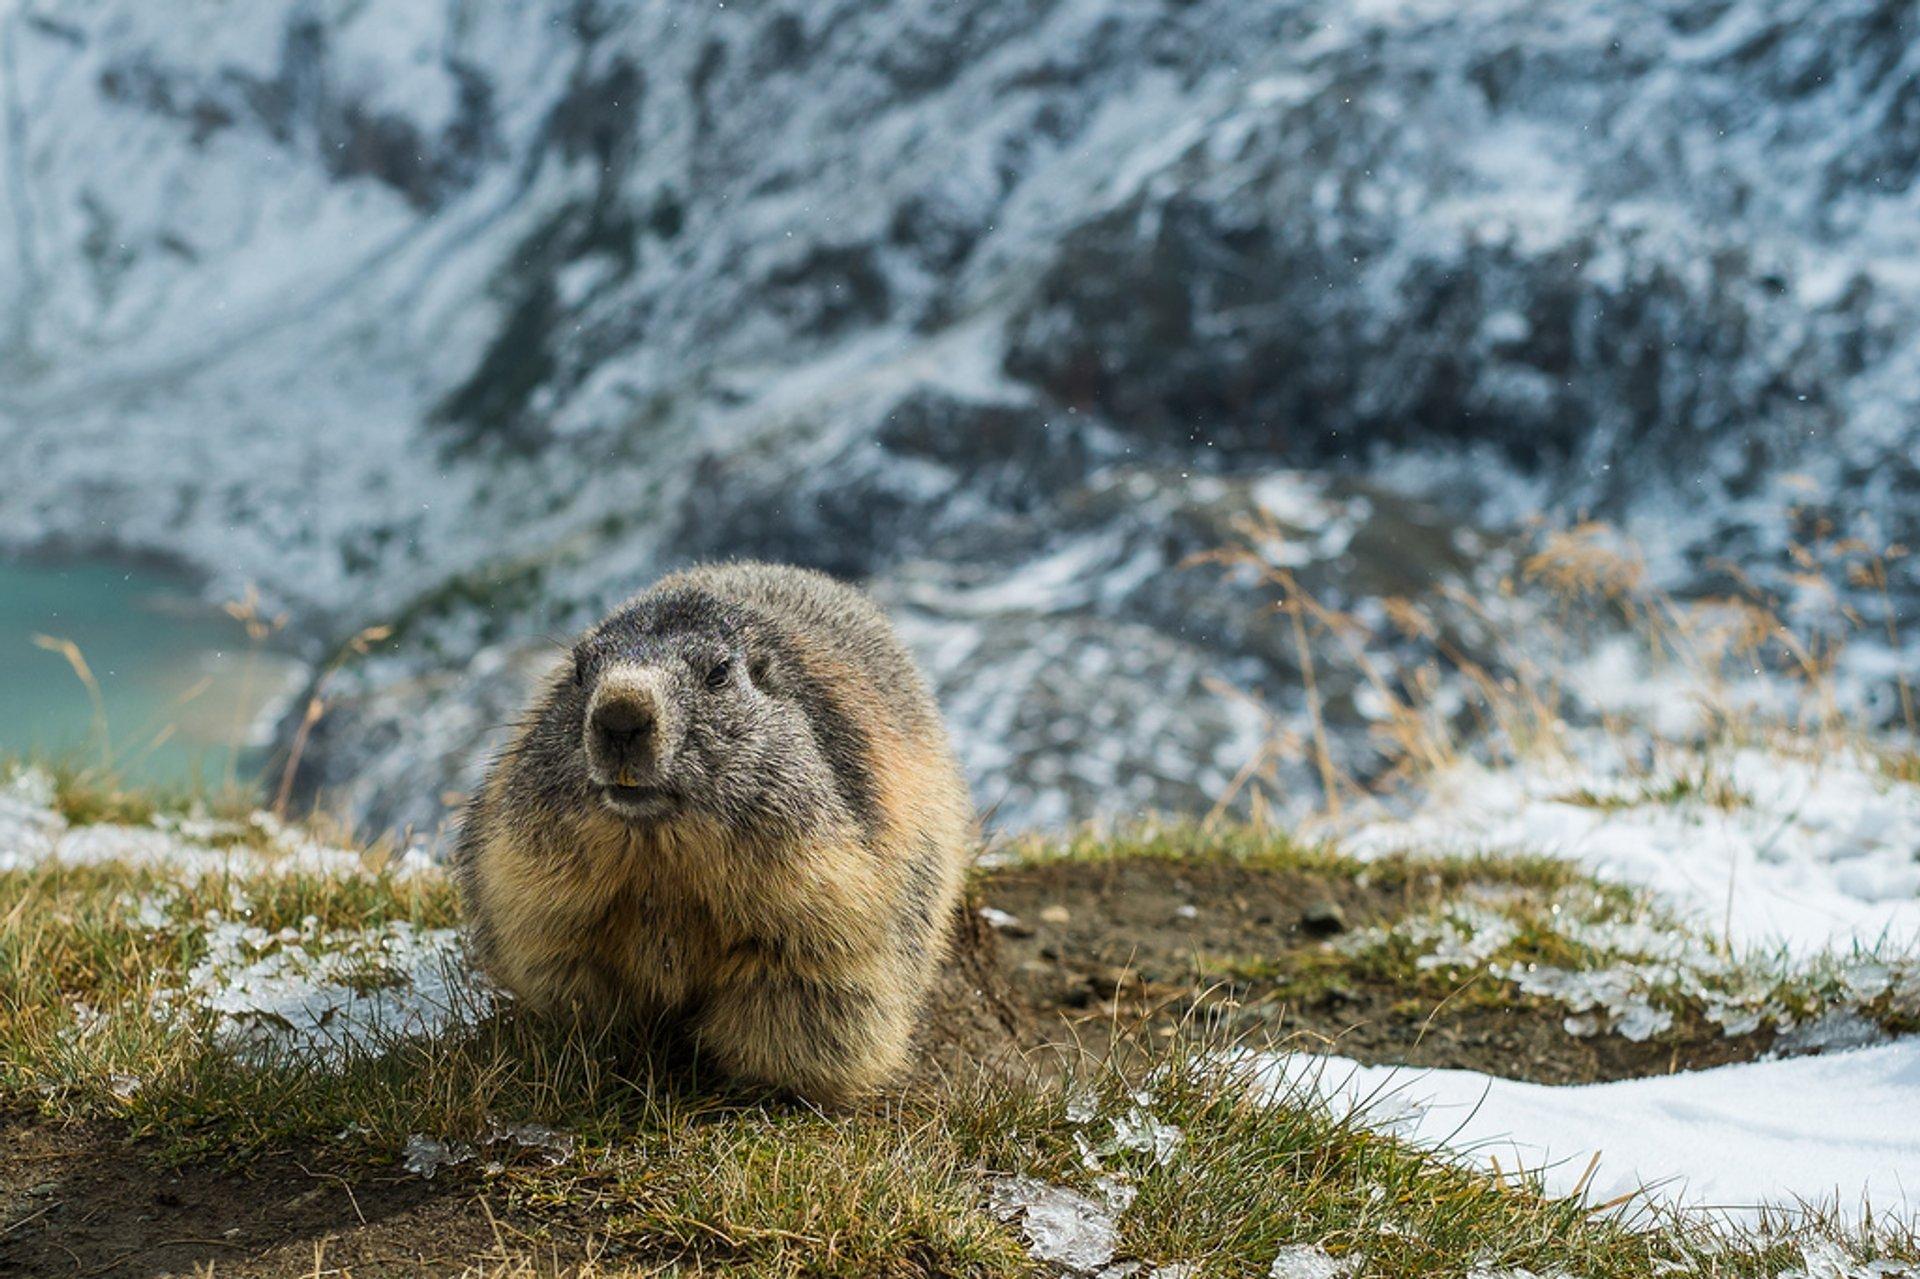 Marmot on Grossglockner, the highest mountain in the Alps 2020